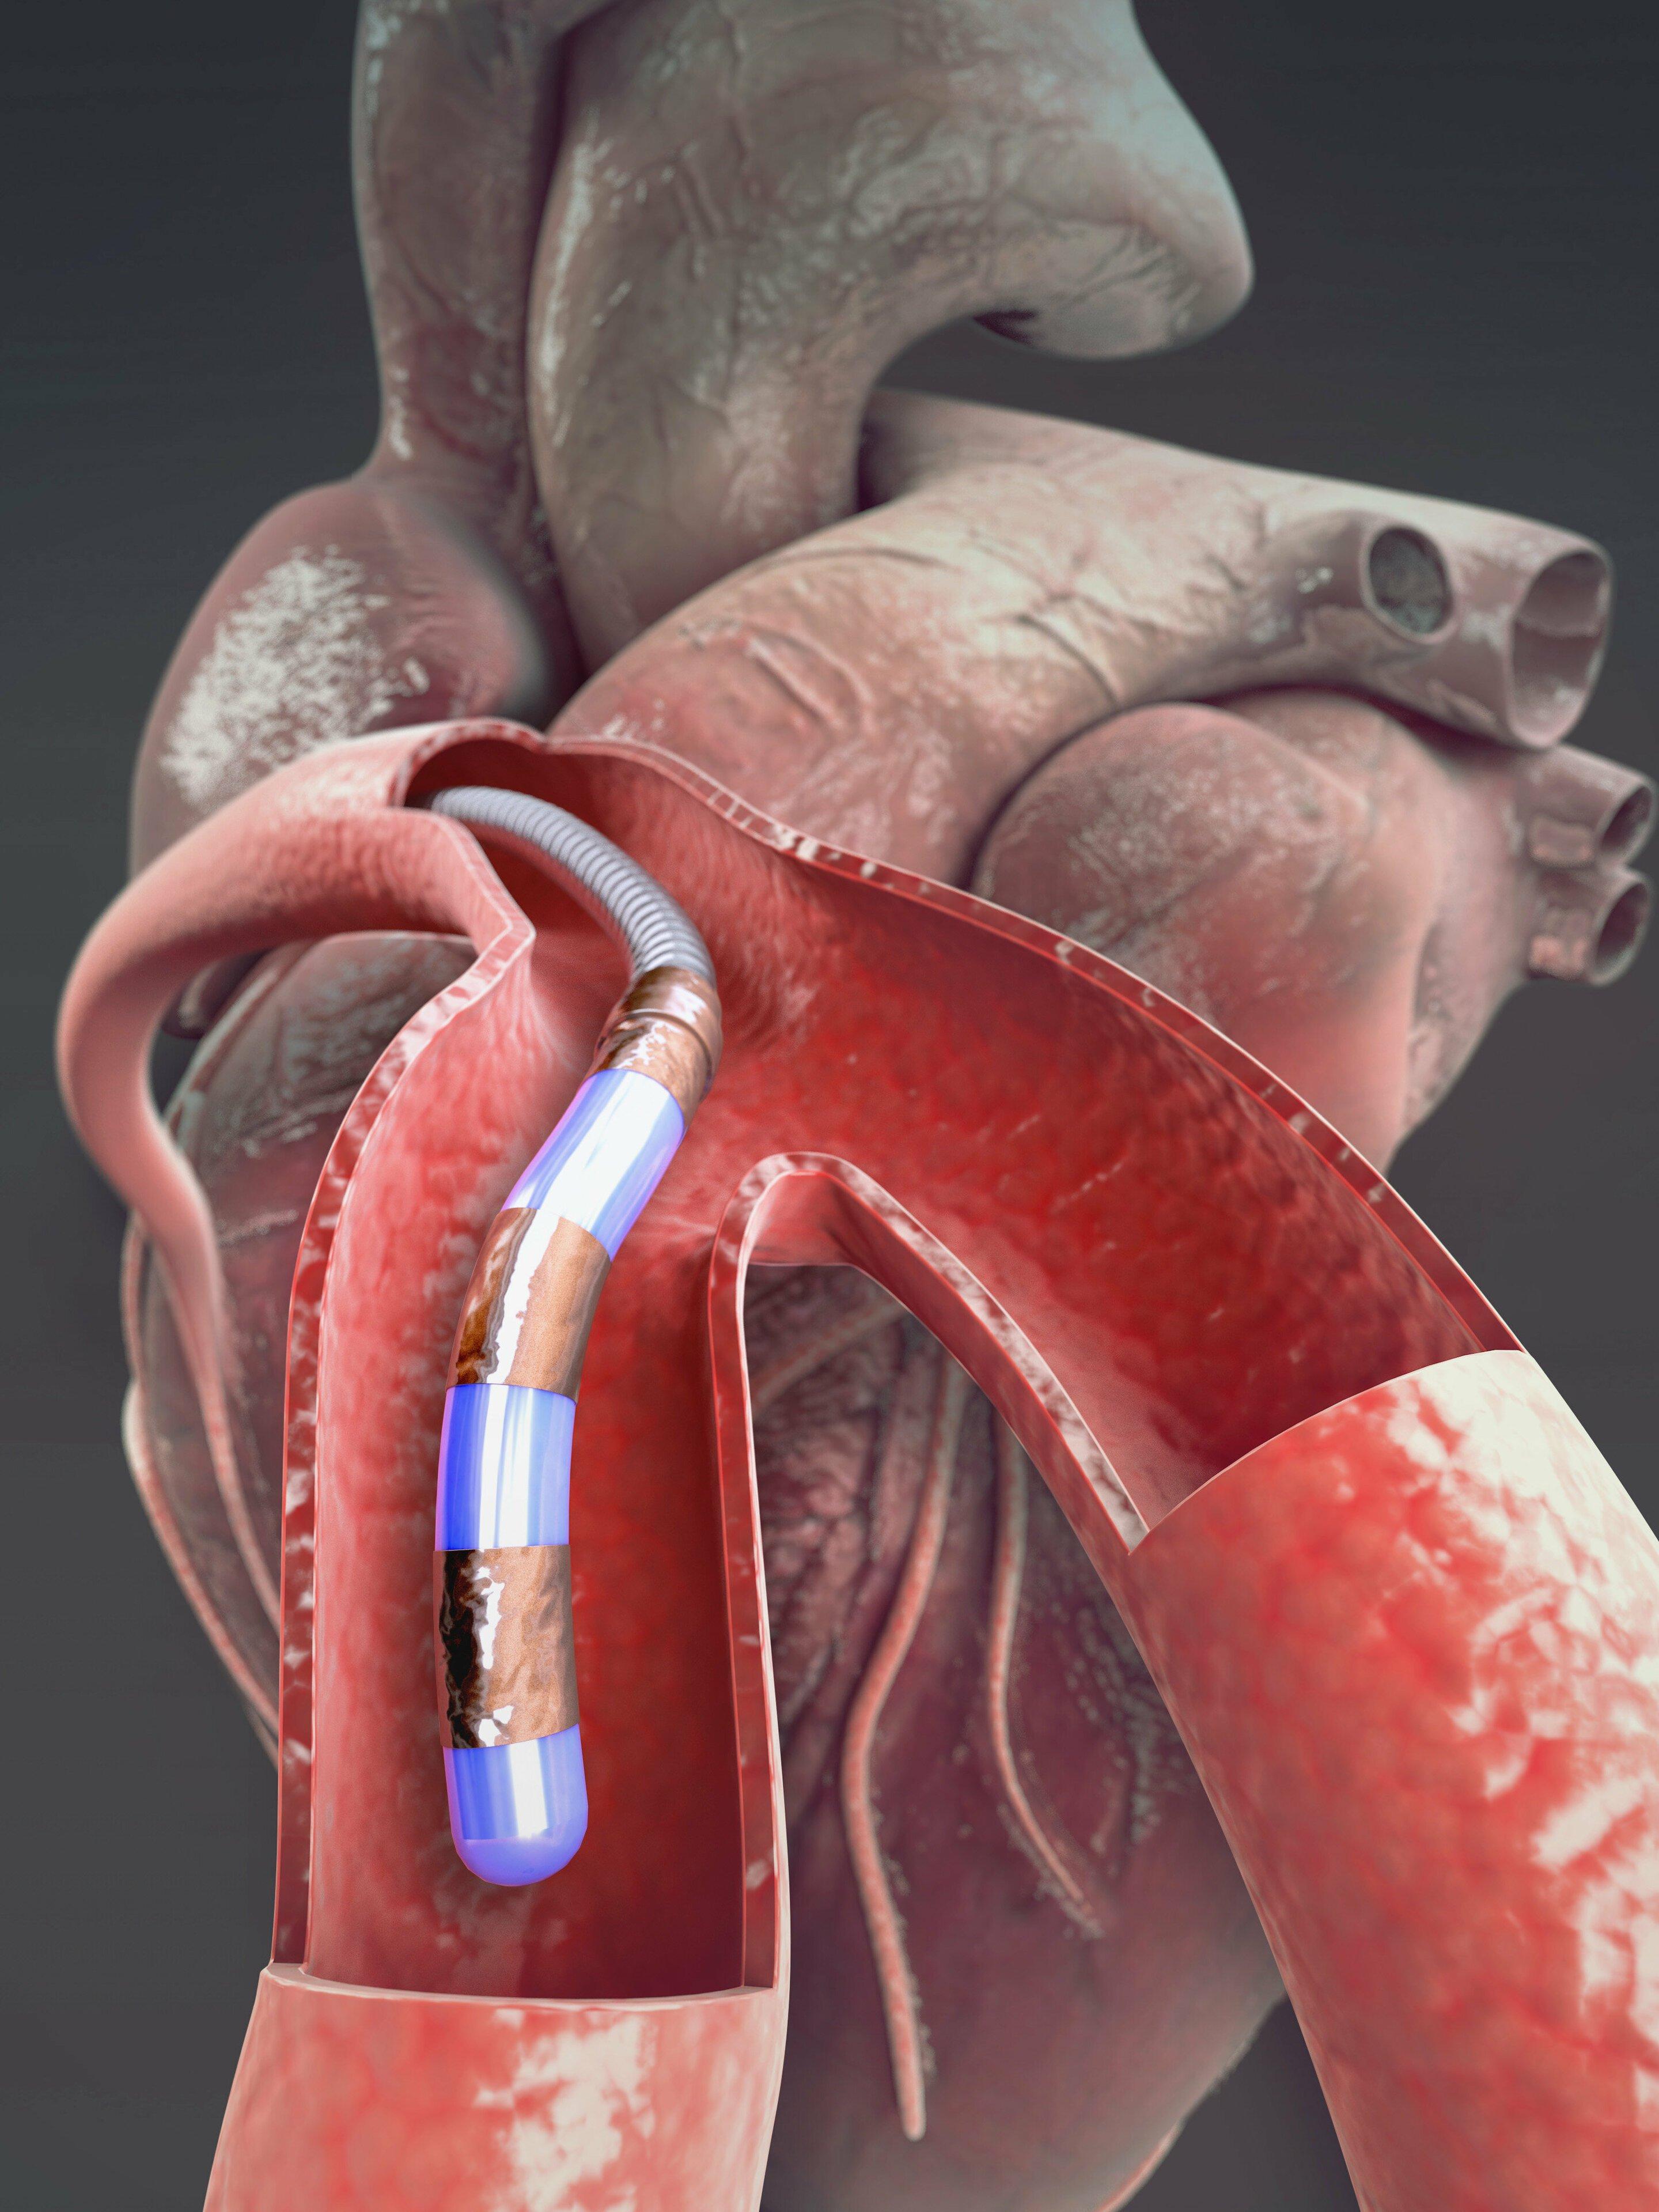 Die überwindung von Herz-Kreislauf-Krankheit, die mit einer magnetisch steuerbaren Führungsdraht microrobot